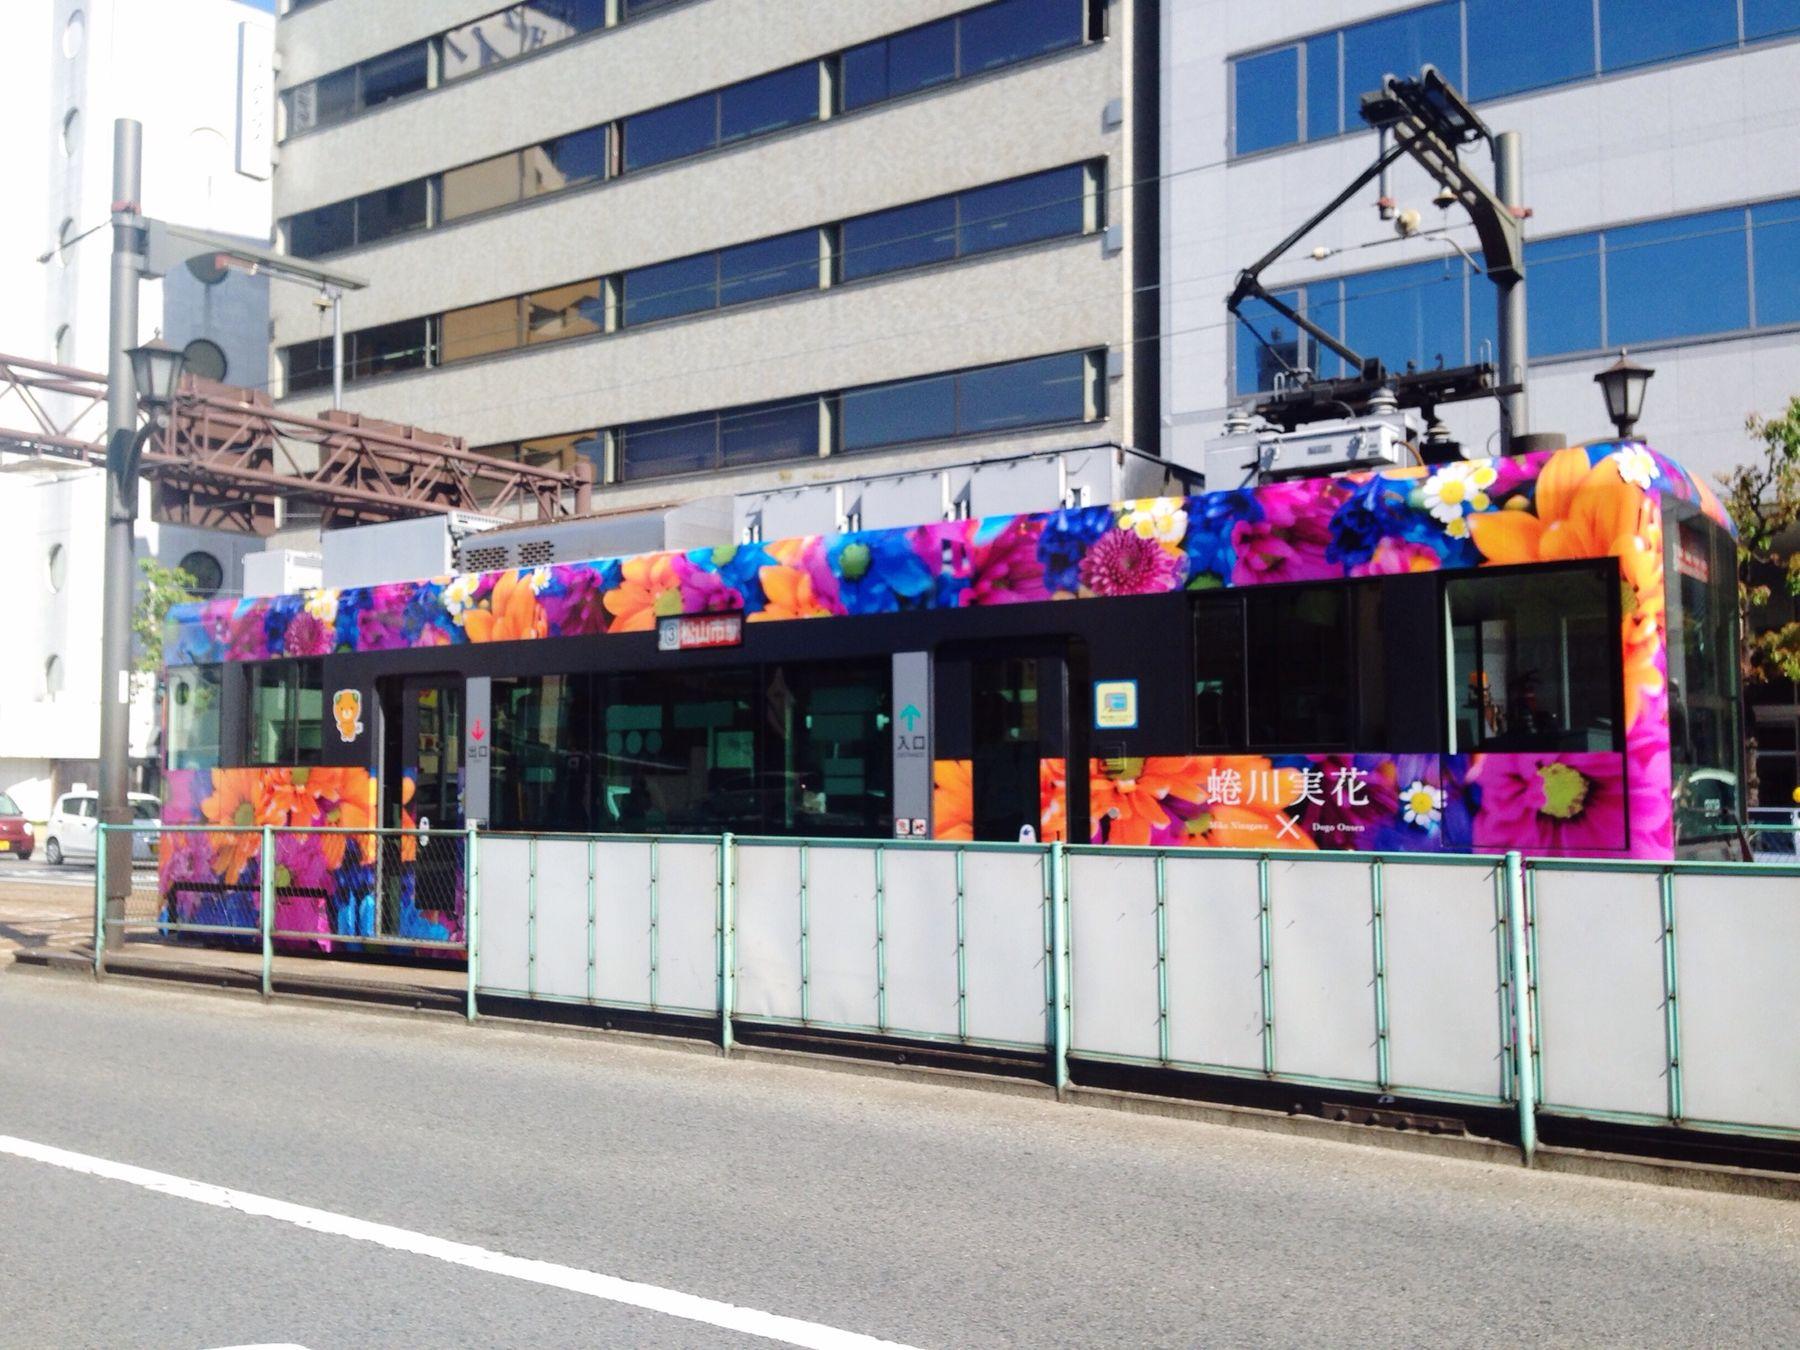 ラッピング電車。ver. 蜷川実花×道後オンセナート。 Public Transportation Artist